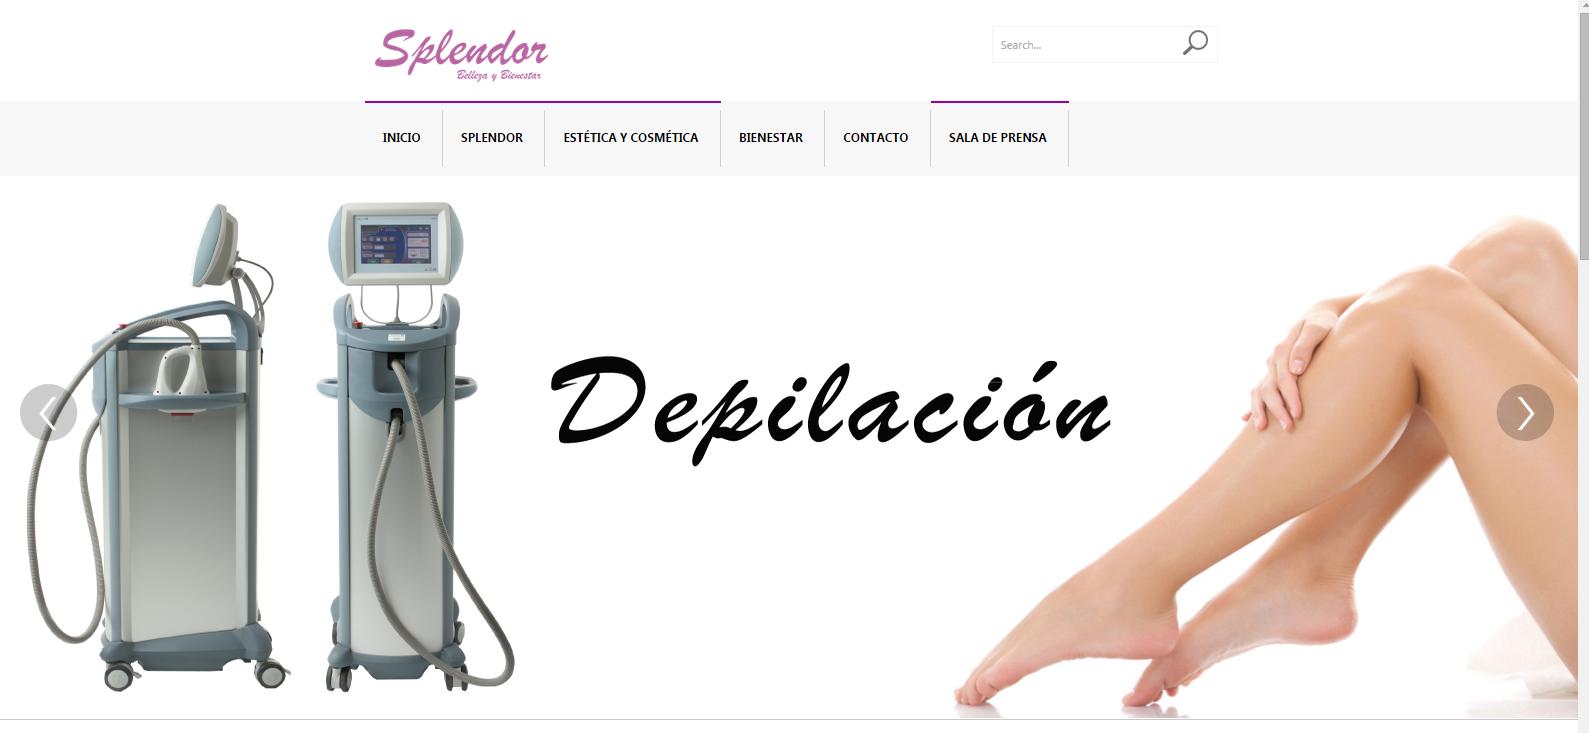 Especialistas en estética y cuidados de la piel